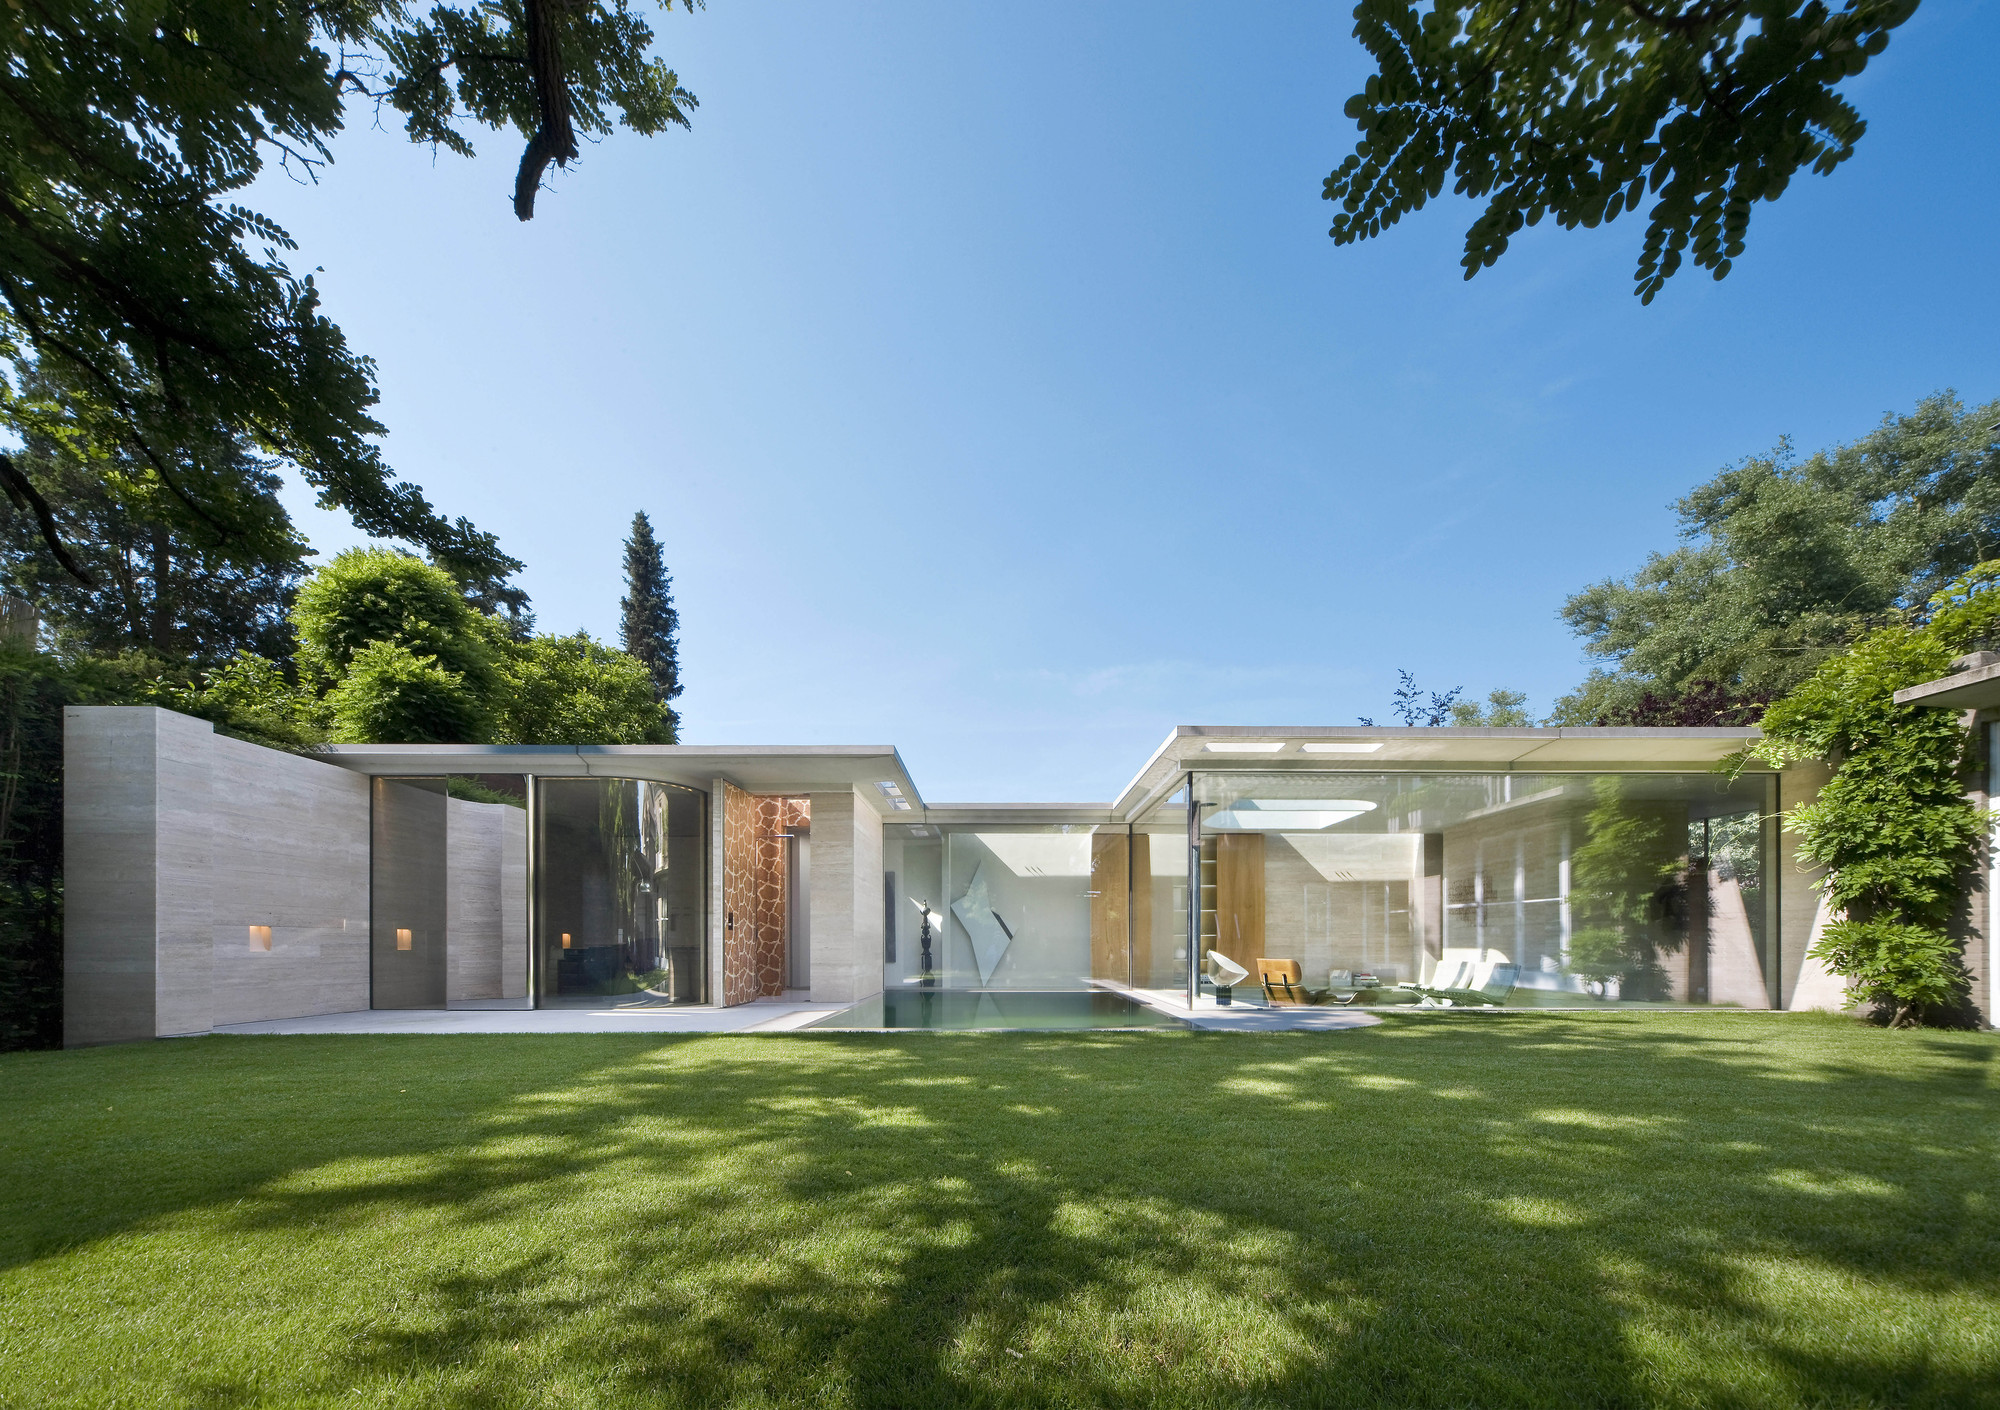 House IV / De Bever Architecten, © Norbert van Onna